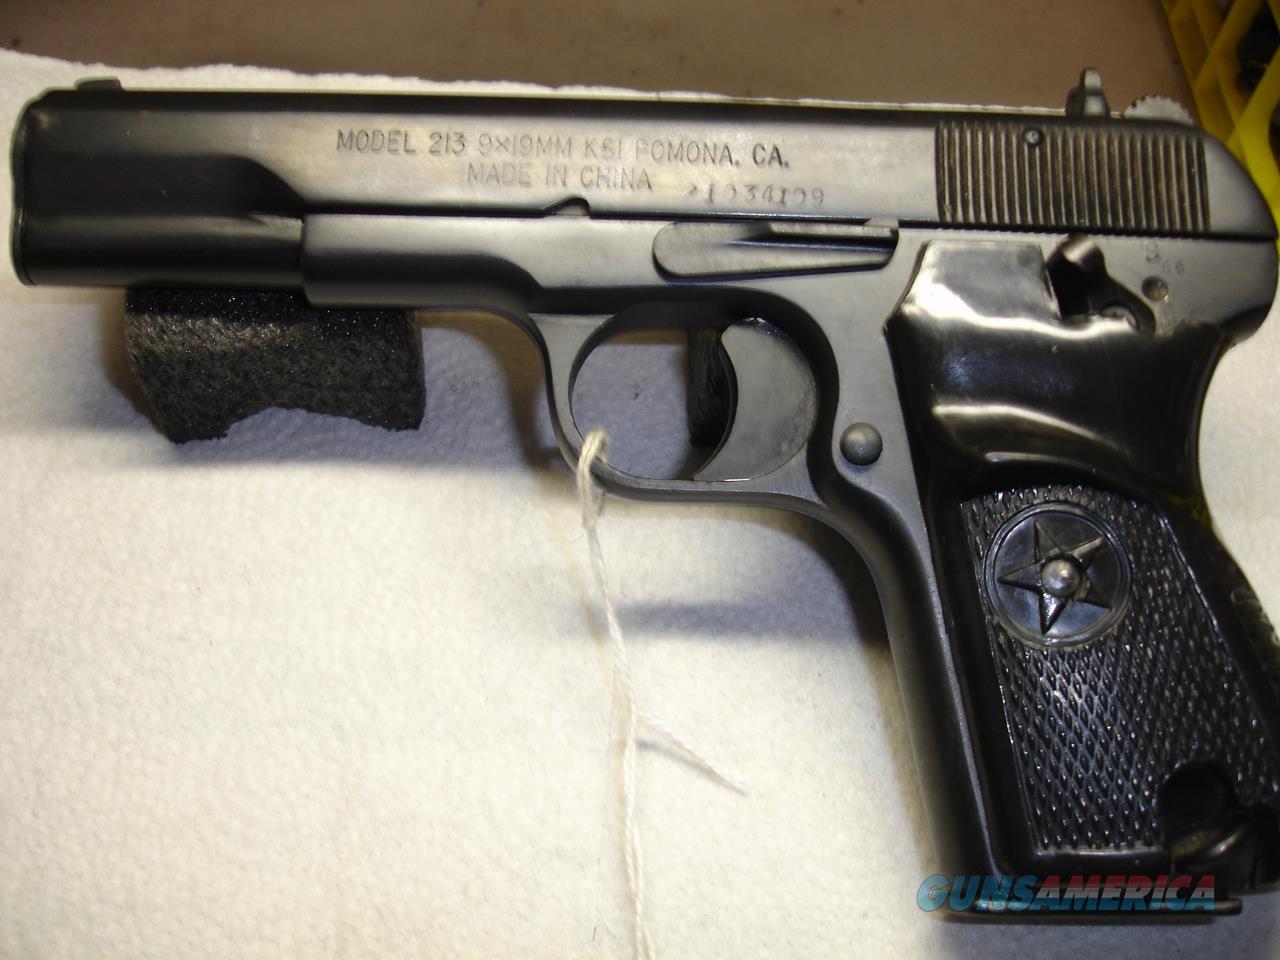 NORINCO 213  Guns > Pistols > Norinco Pistols